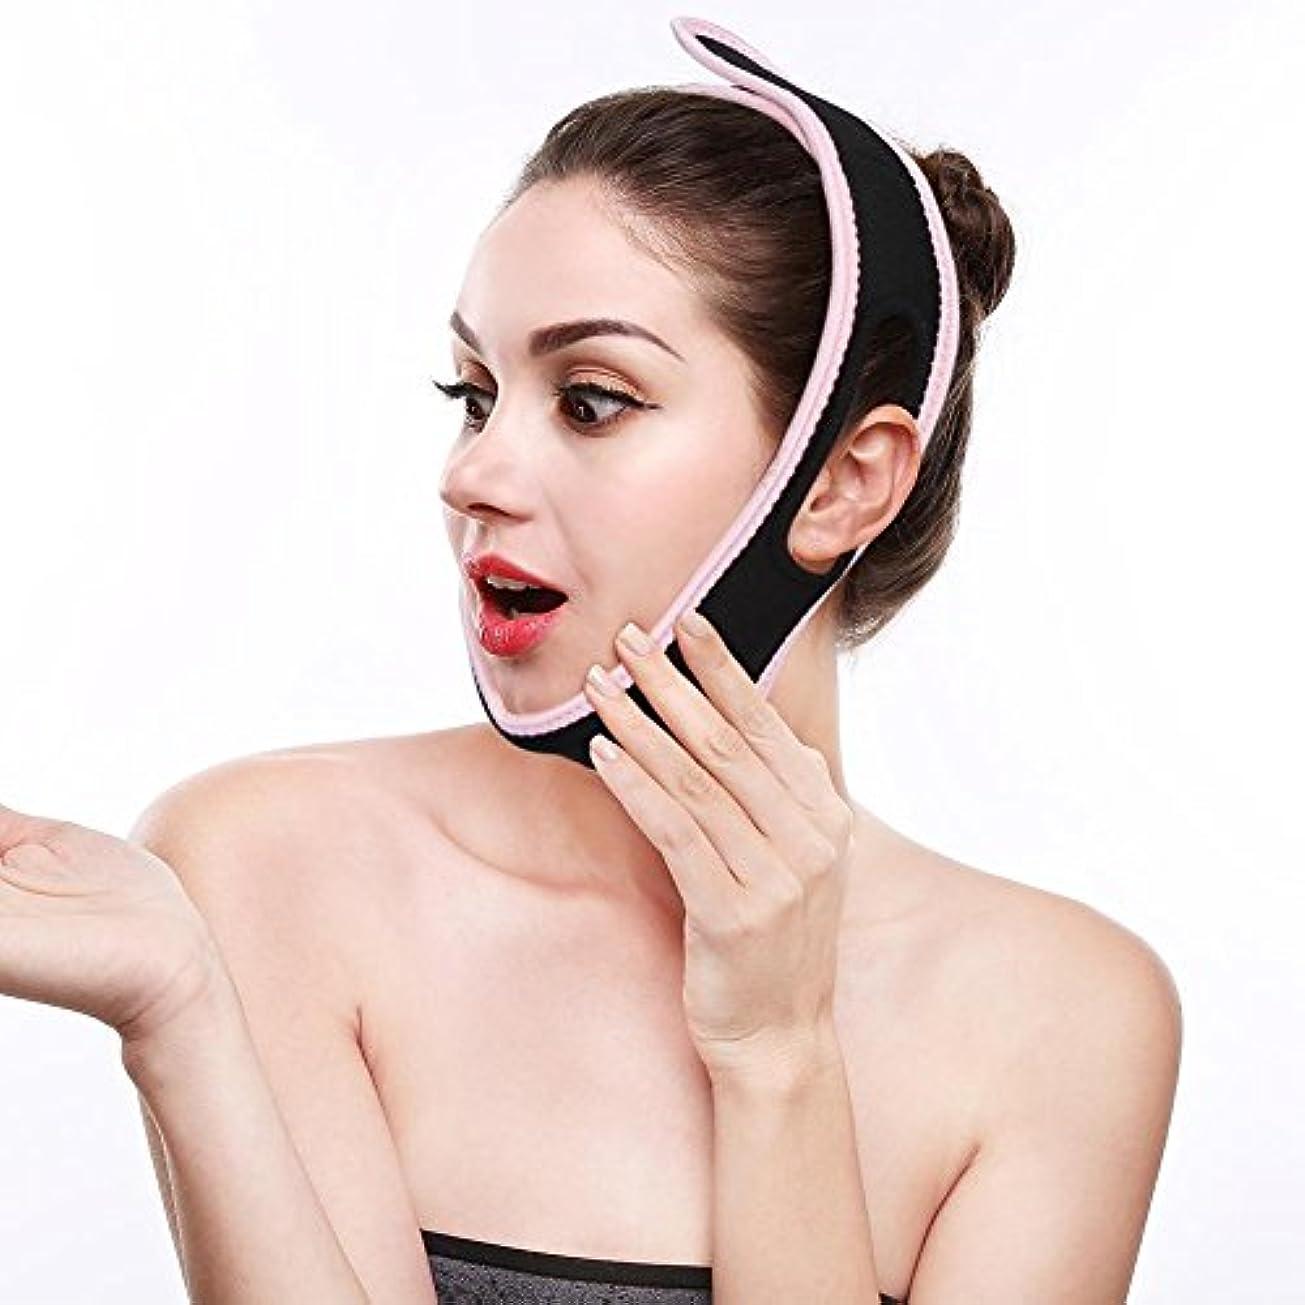 明らかにする機密笑い顔フェイスリフティング包帯ベルトチンチークスリムリフトアップアンチリンクルマスク超薄型Vフェイスラインベルトストラップバンド